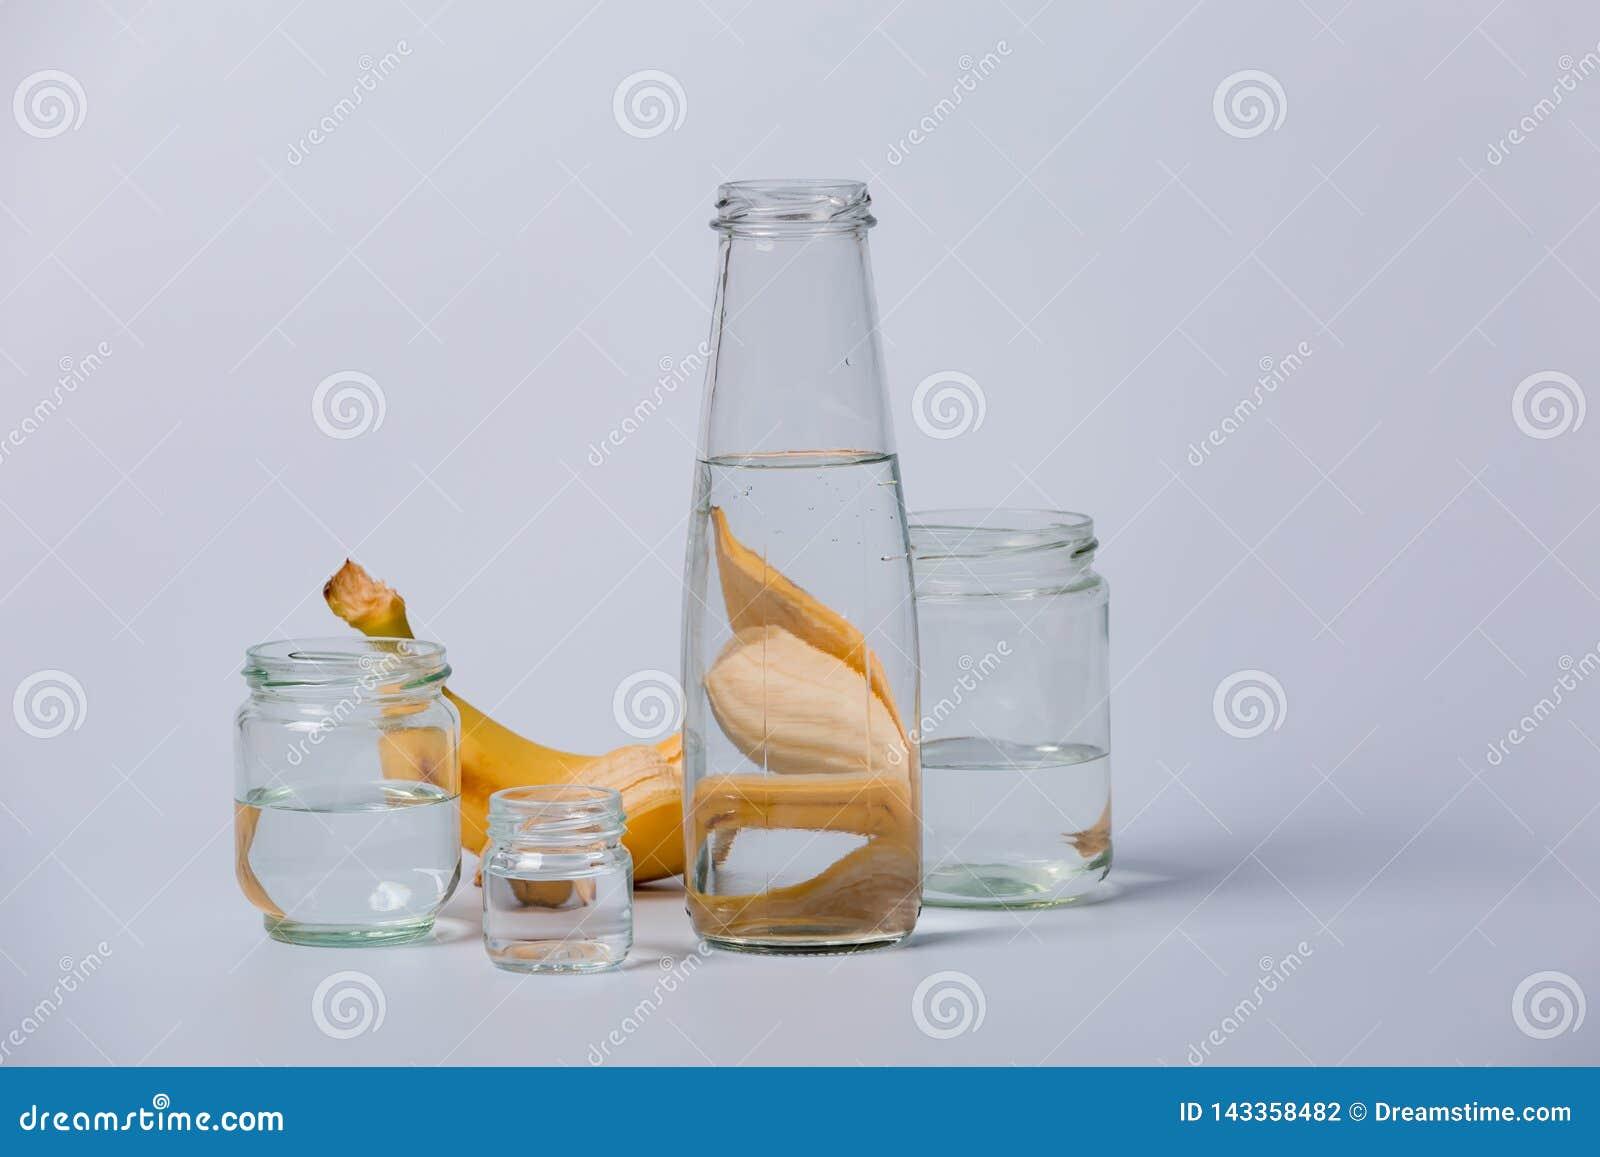 Glas transparante flessen en vruchten